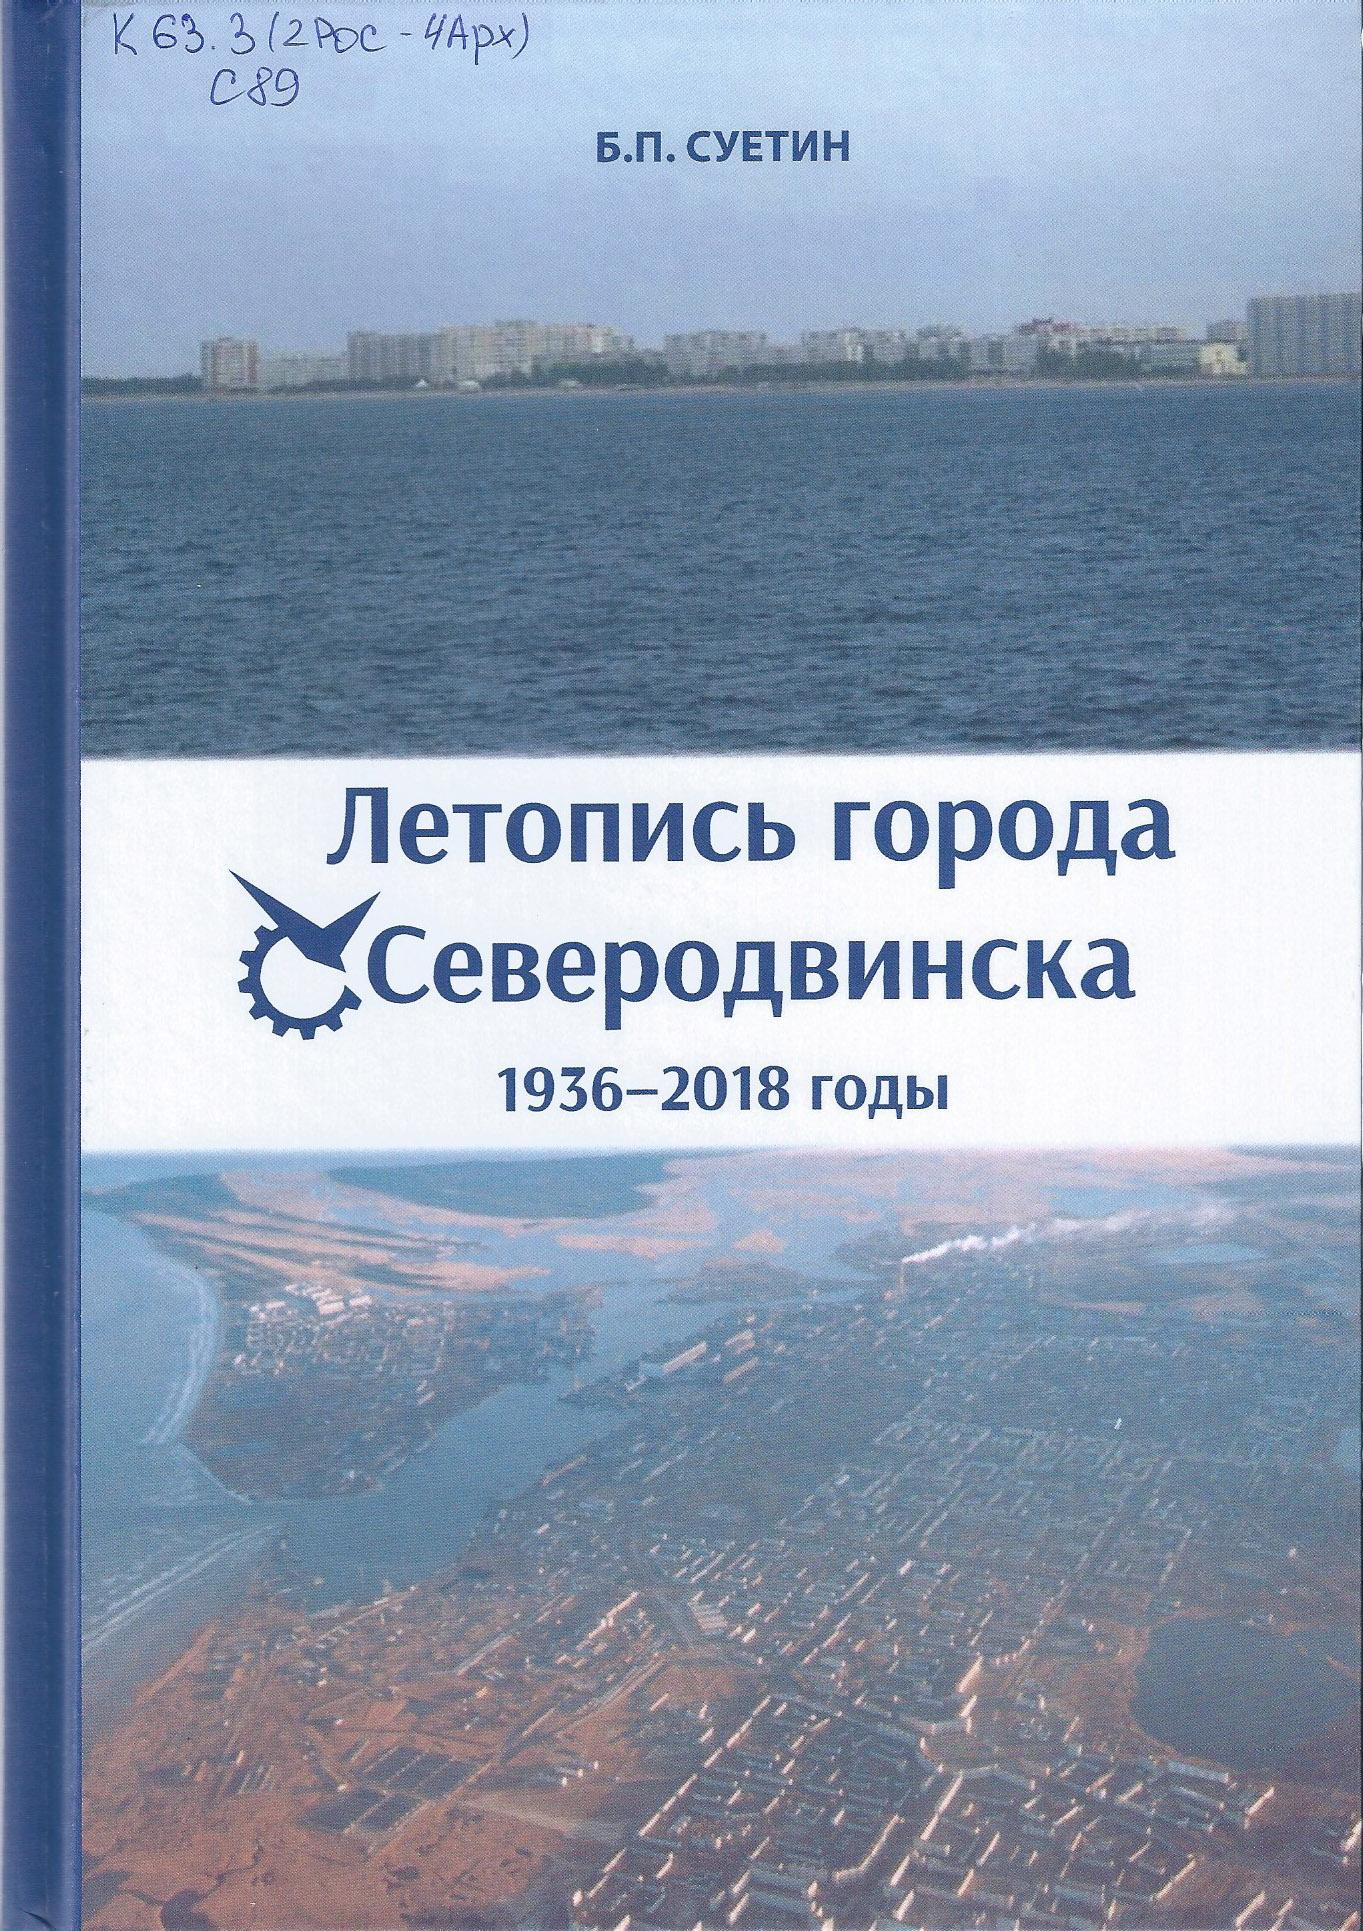 Как поменять водительское удостоверение украины на российское крым